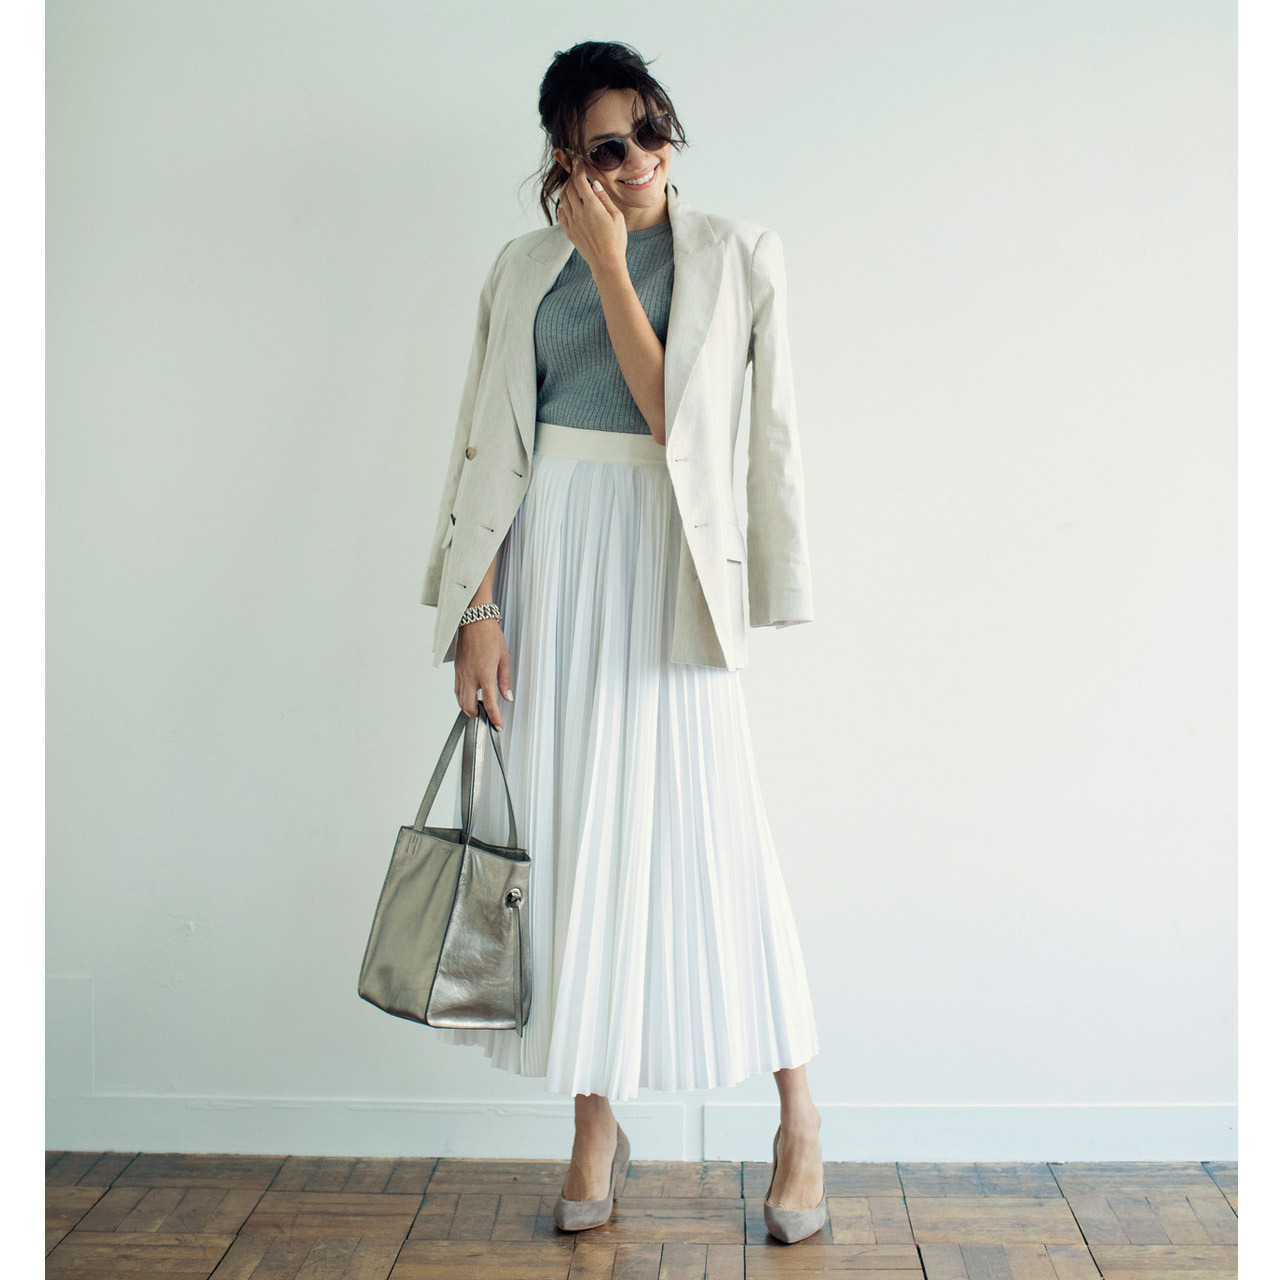 テーラードジャケット×白ロングプリーツスカートコーデ